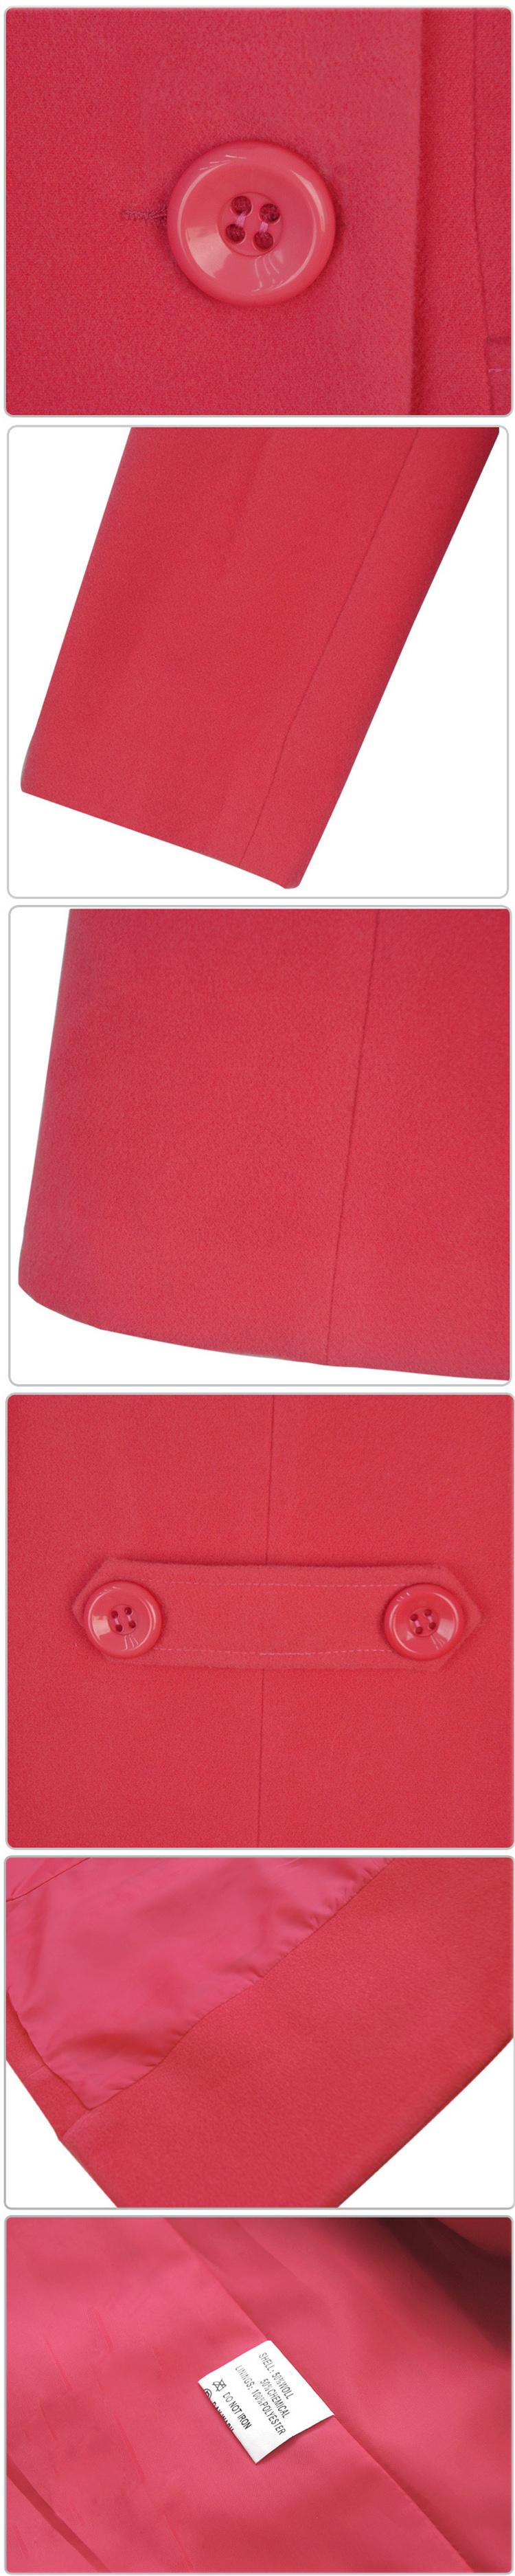 เสื้อโค้ทกันหนาว สีชมพูสดใส ตัวยาว กระดุมเม็ดใหญ่ แต่งสายคาดเอวด้านหลัง แขนยาว มีซับใน มีกระเป๋า